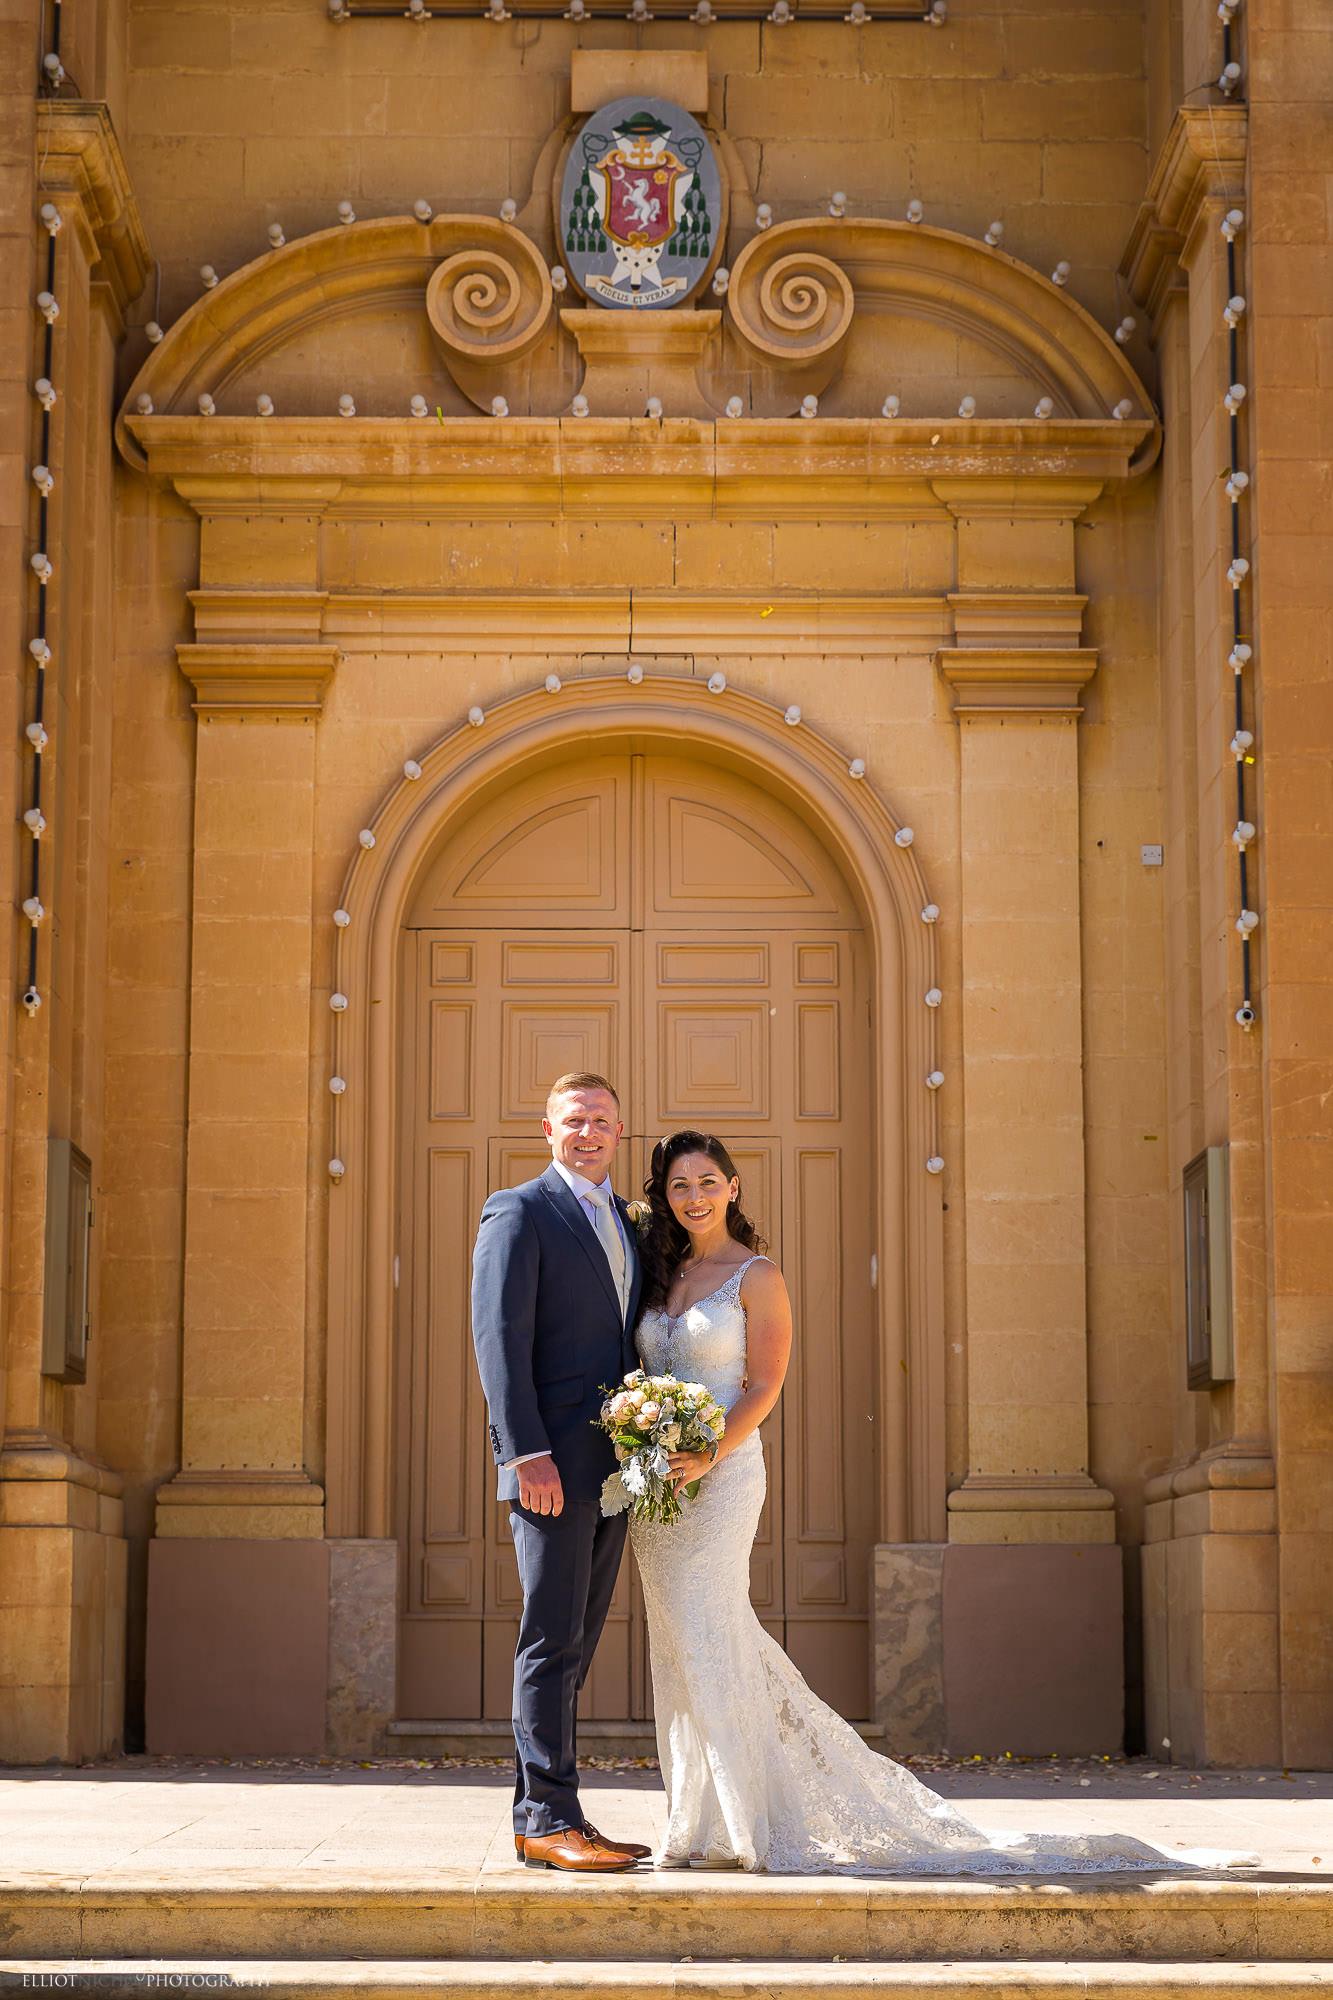 bride-groom-church-steps-destination-wedding